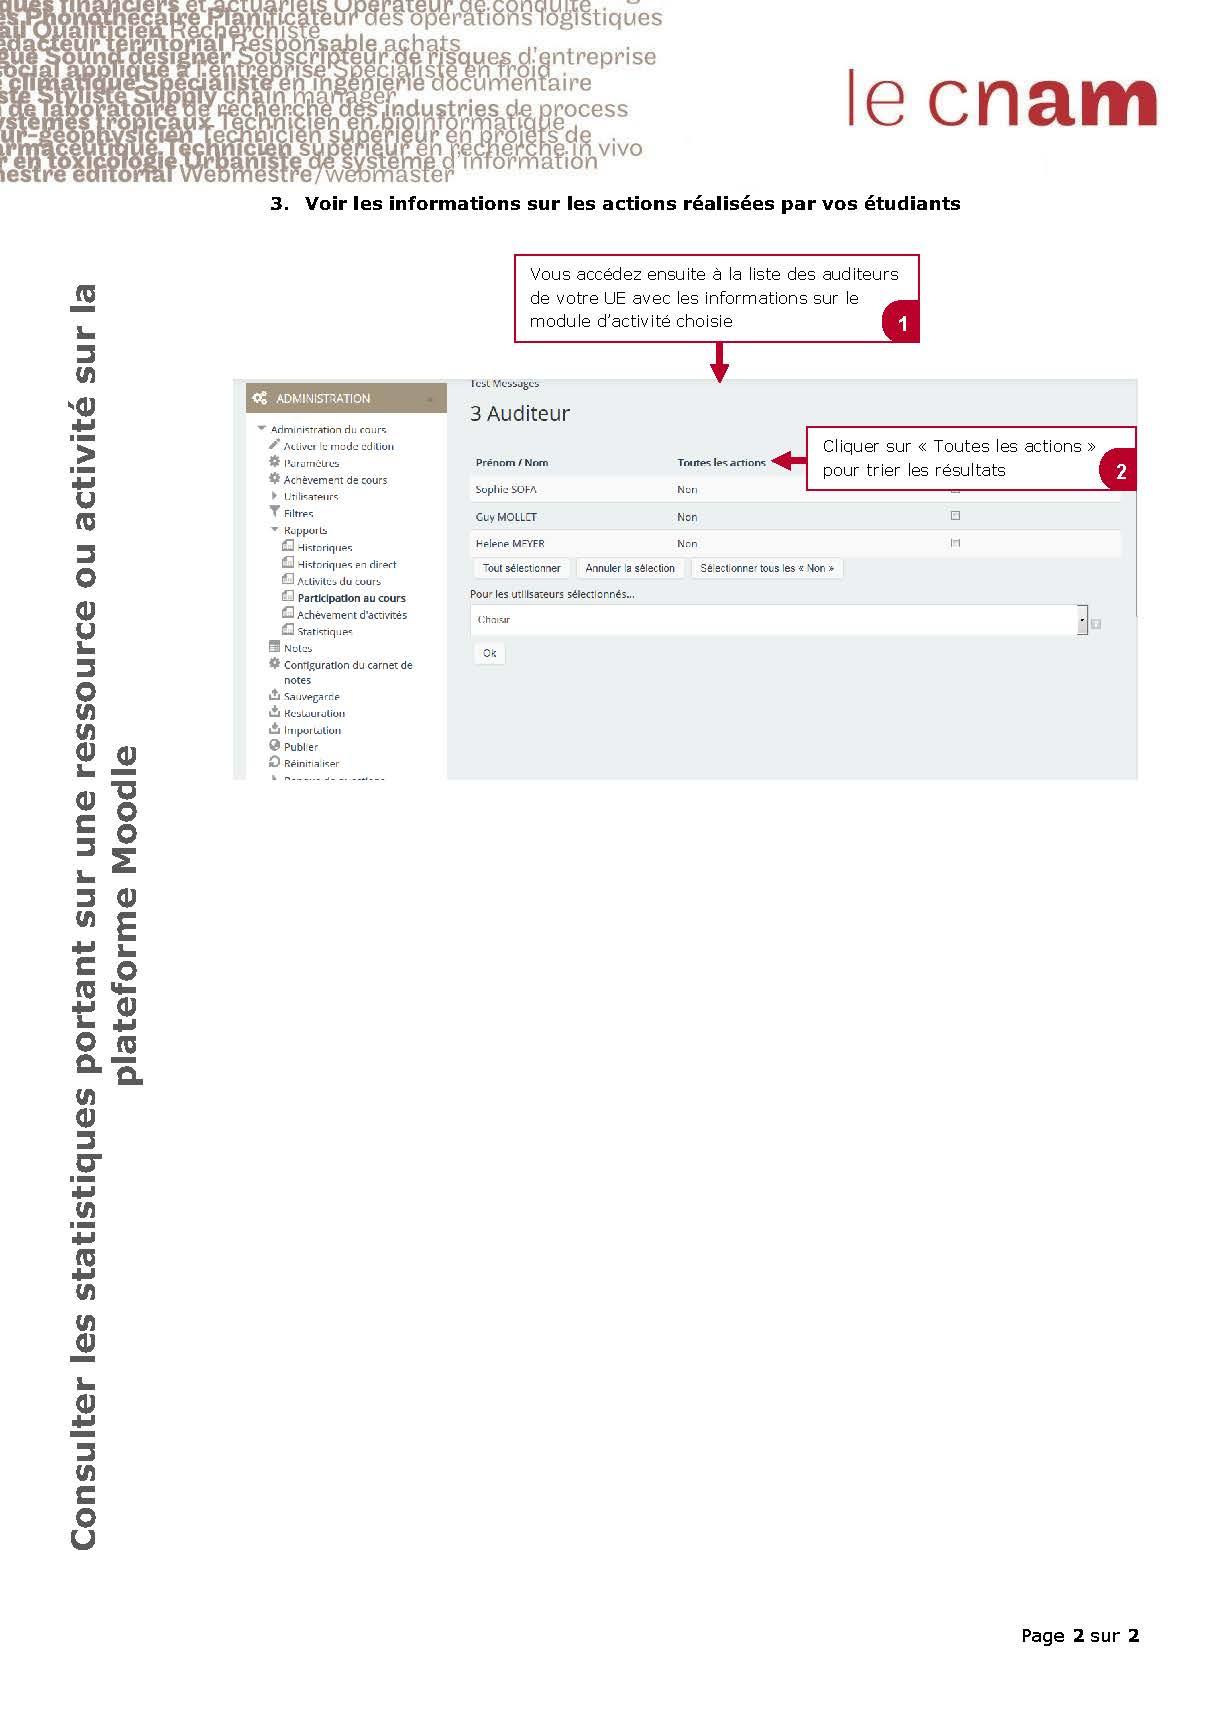 Consulter_les_statistiques_portant_sur_une_activité_ou_une_ressource_Page_2